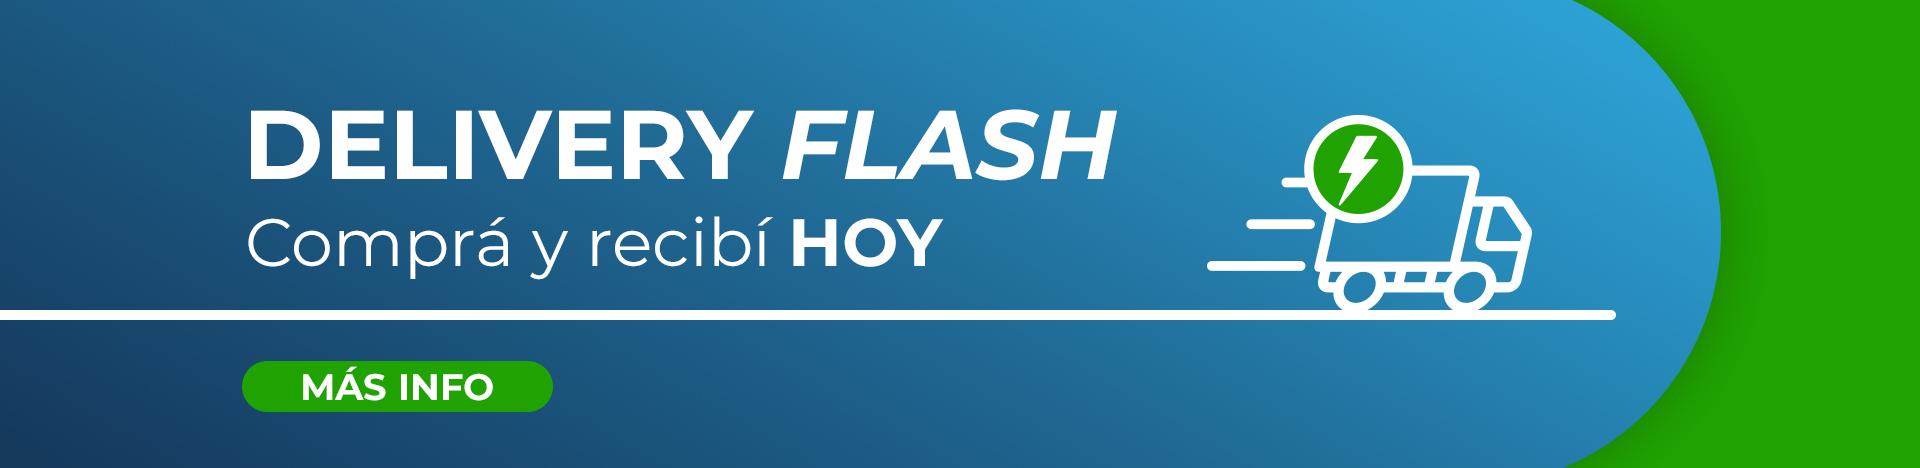 Banner Delivery Flash Desktop